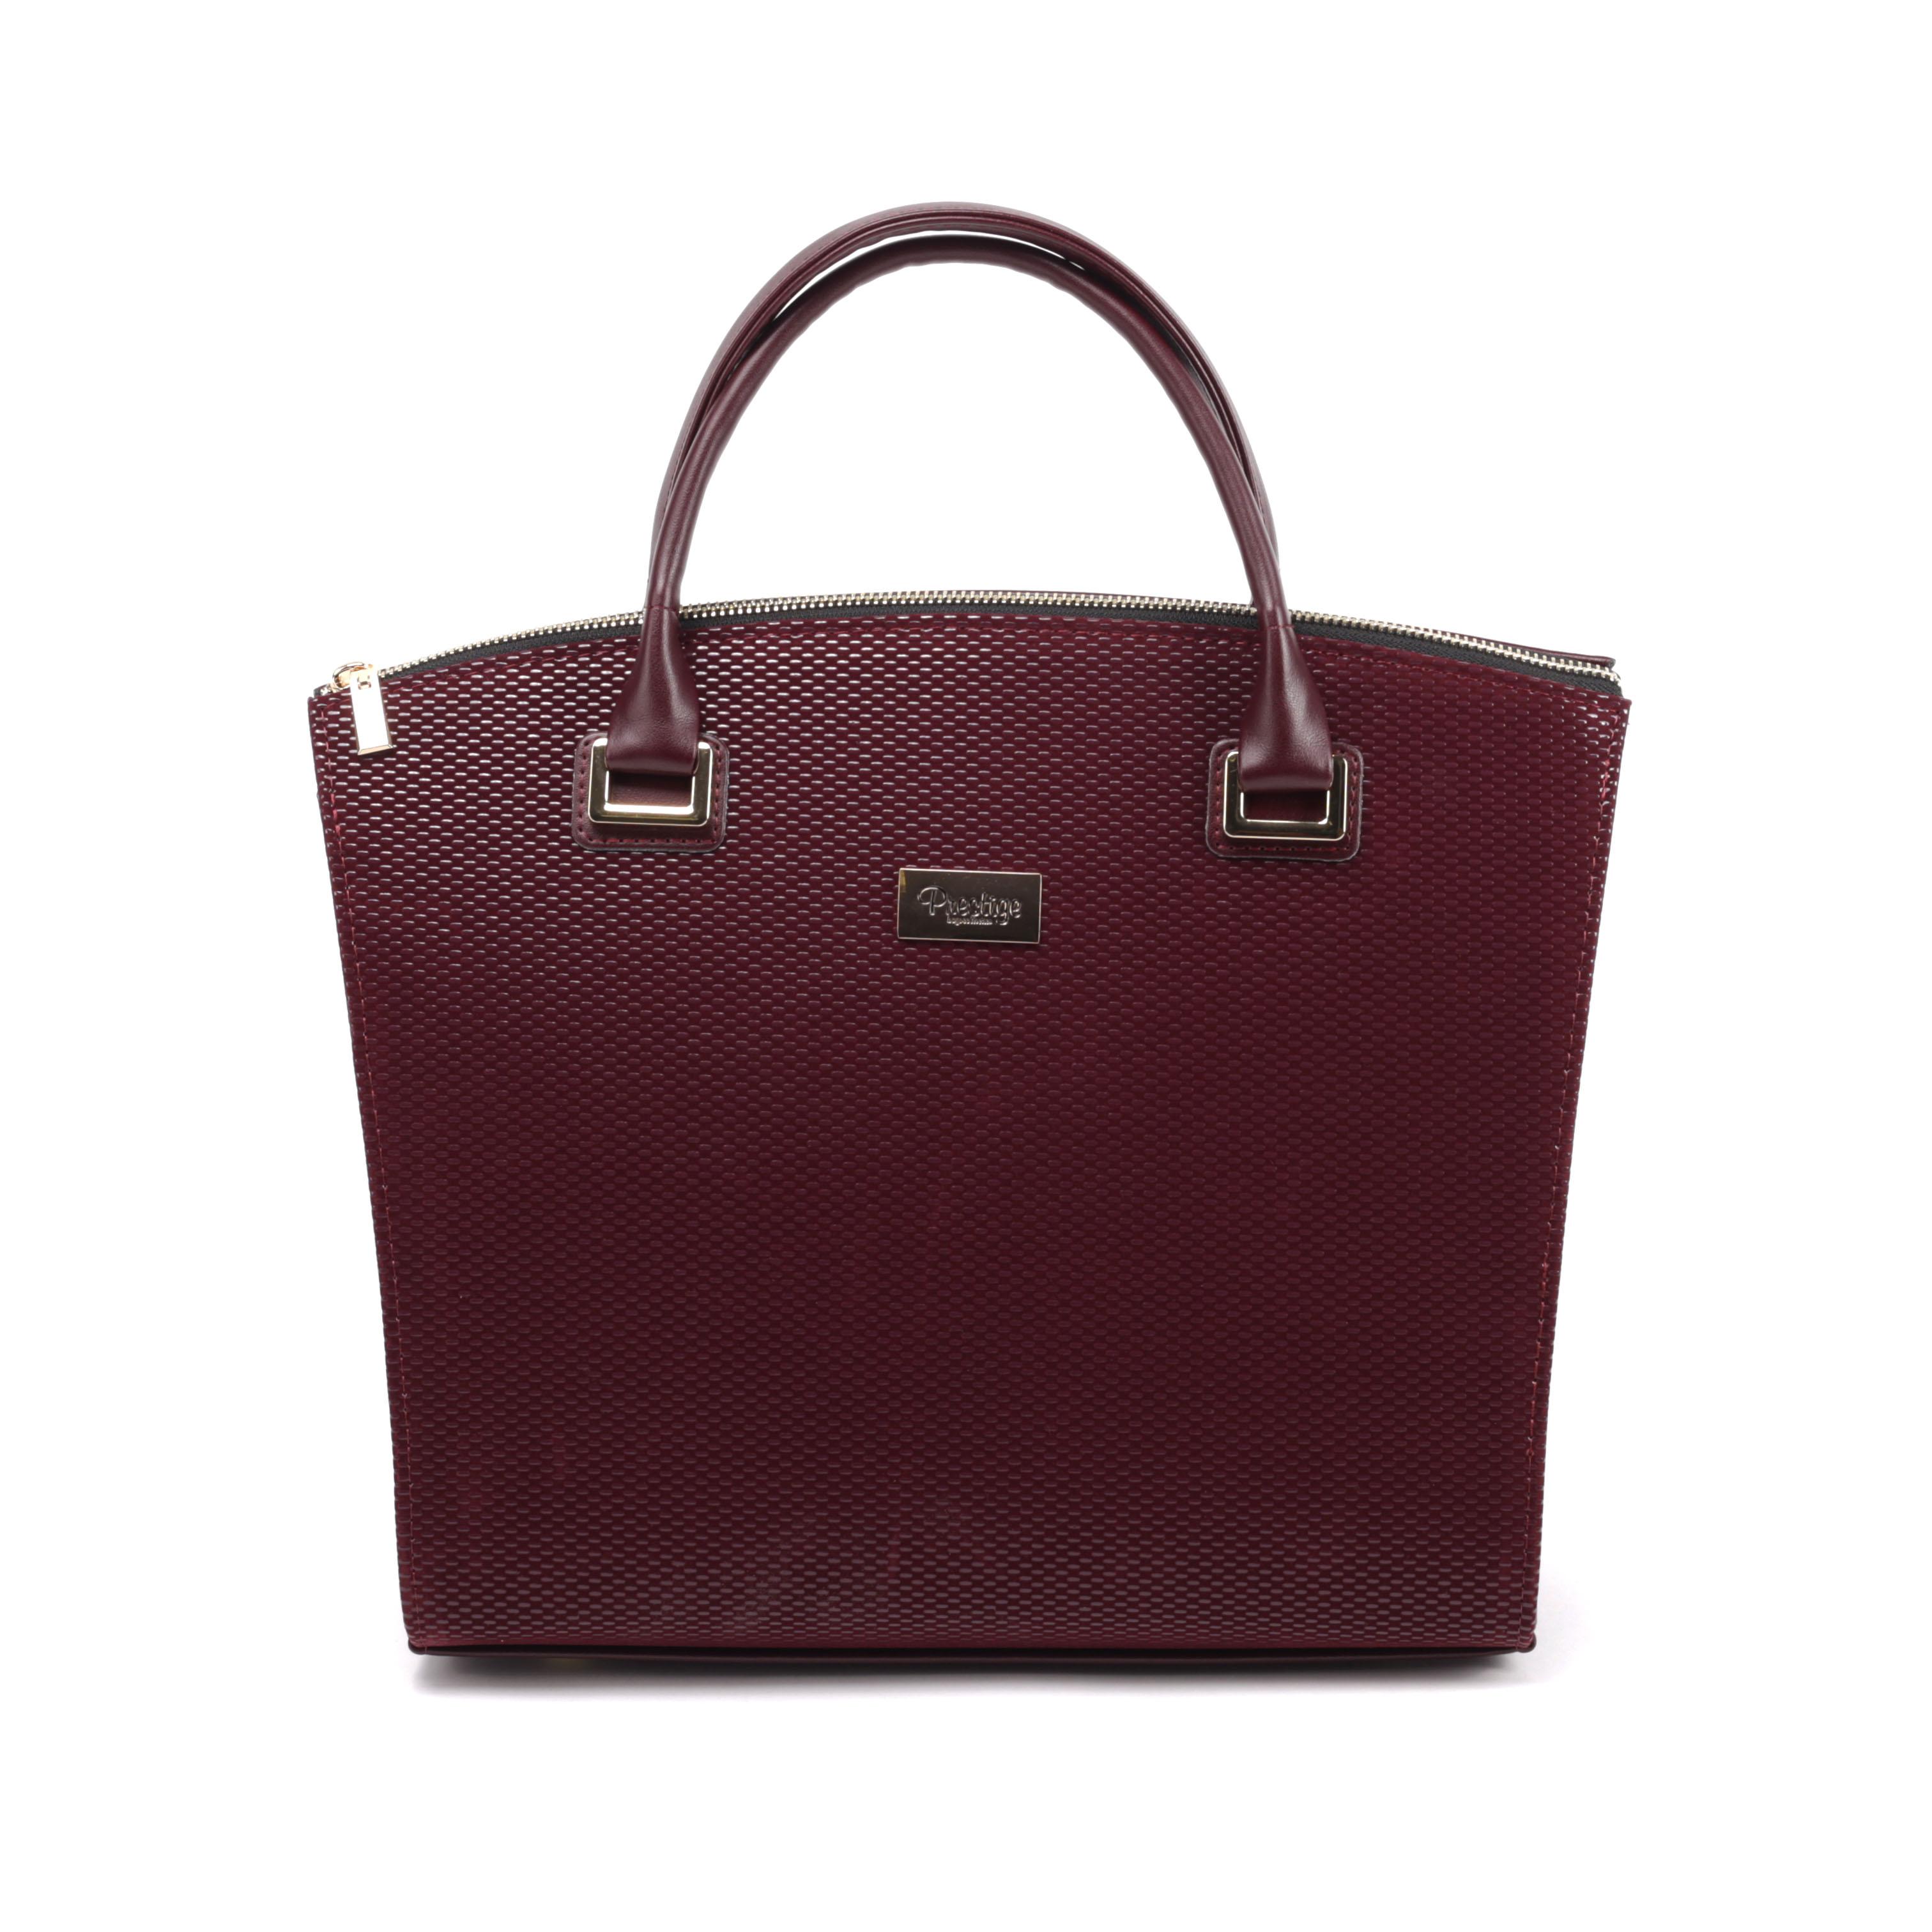 Prestige Bordó Színű Rostbőr Kézitáska - Kézitáskák - Táska webáruház - Minőségi  táskák mindenkinek 39713681c7